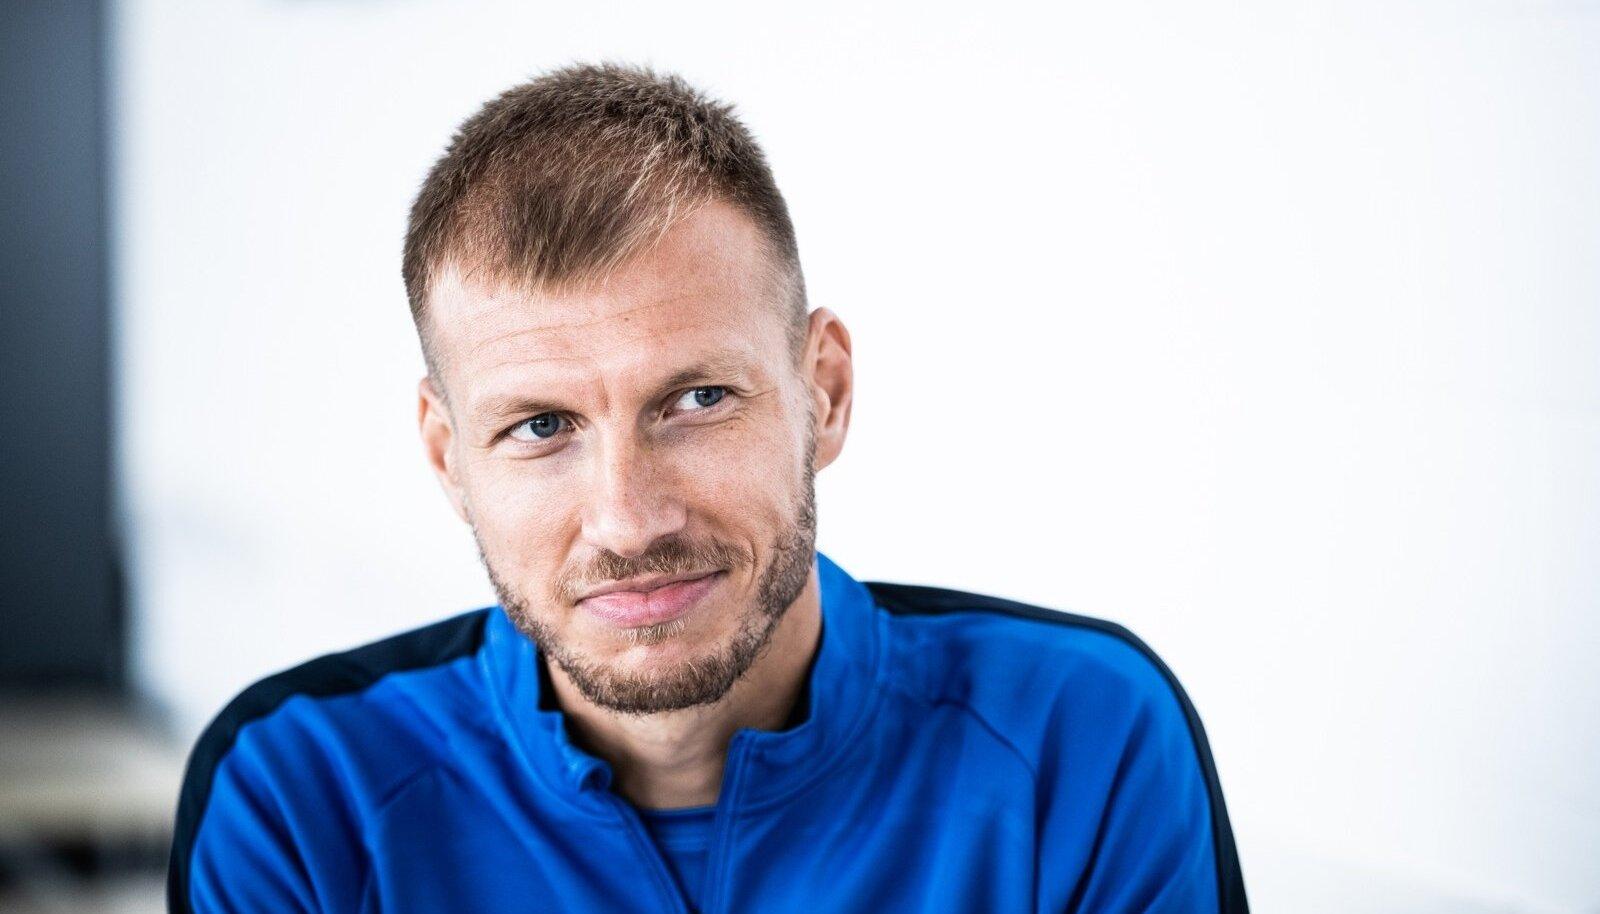 Eesti koondises mängides võitis Klavan viimati mõne valikmängu (kui pisiriik Gibraltar välja arvata) homme täpselt neli aastat tagasi, kui Eesti oli kodus 1 : 0 üle Leedust. Reedel avaneb võimalus Valgevene vastu taas võidurõõmu maitsta.